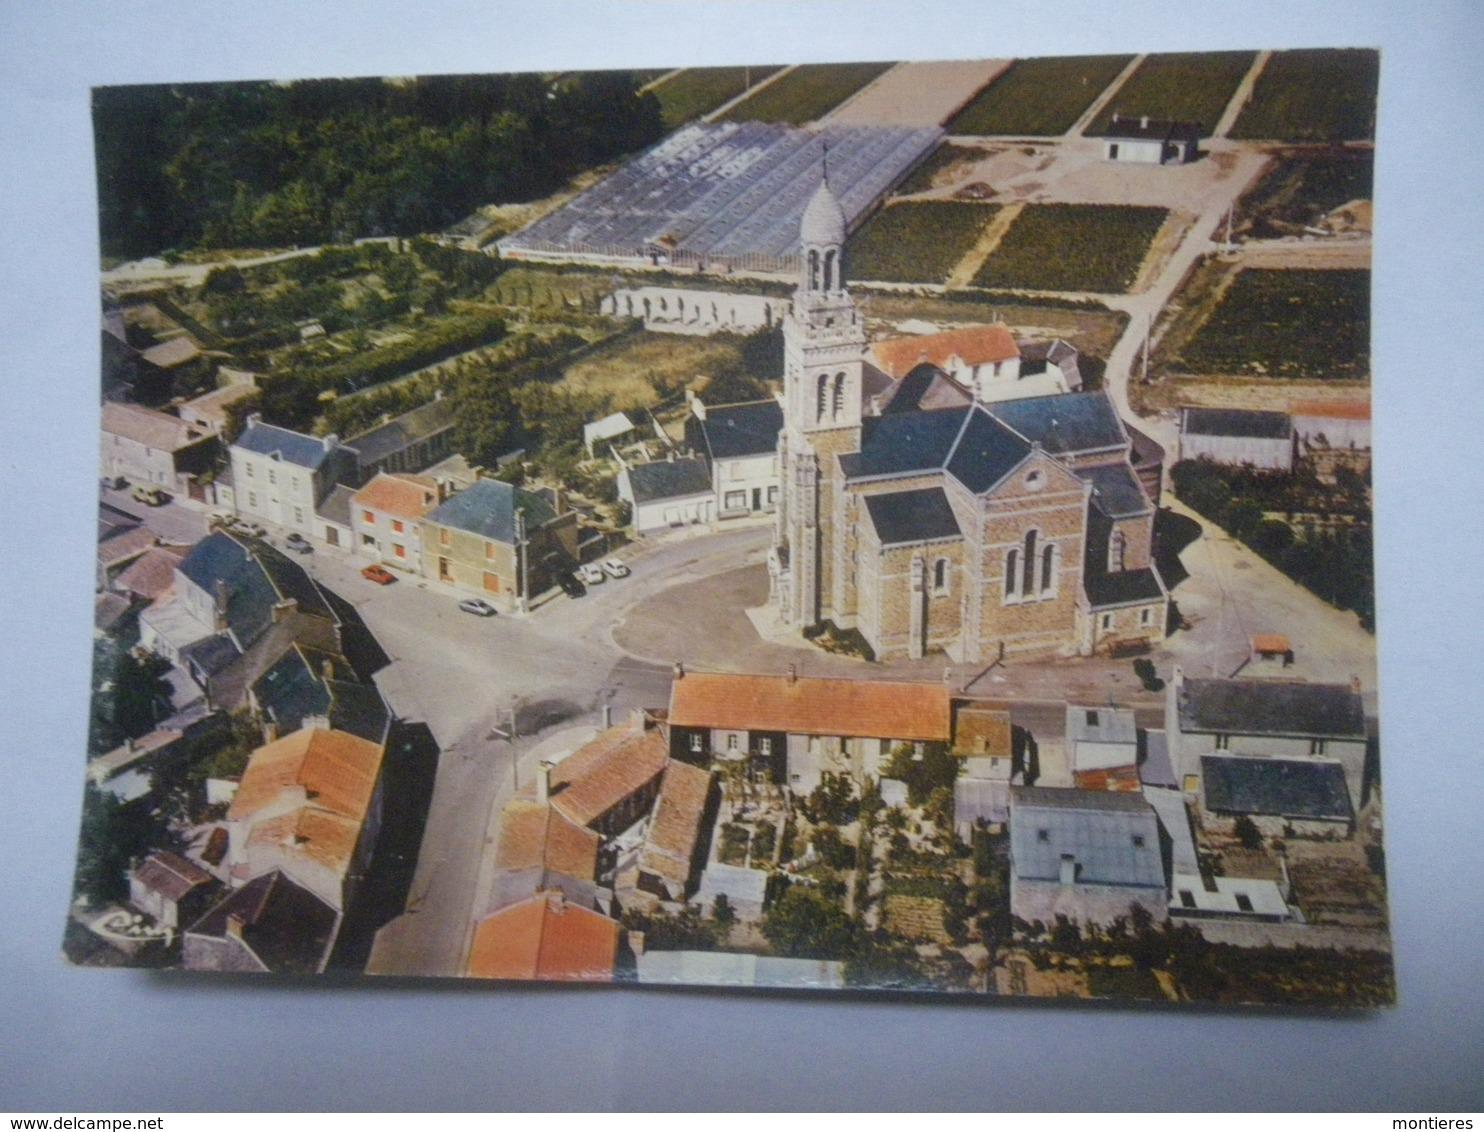 CPSM 44 LOIRE ATLANTIQUE - SAINT MARS DE COUTAIS VUE AÉRIENNE - France